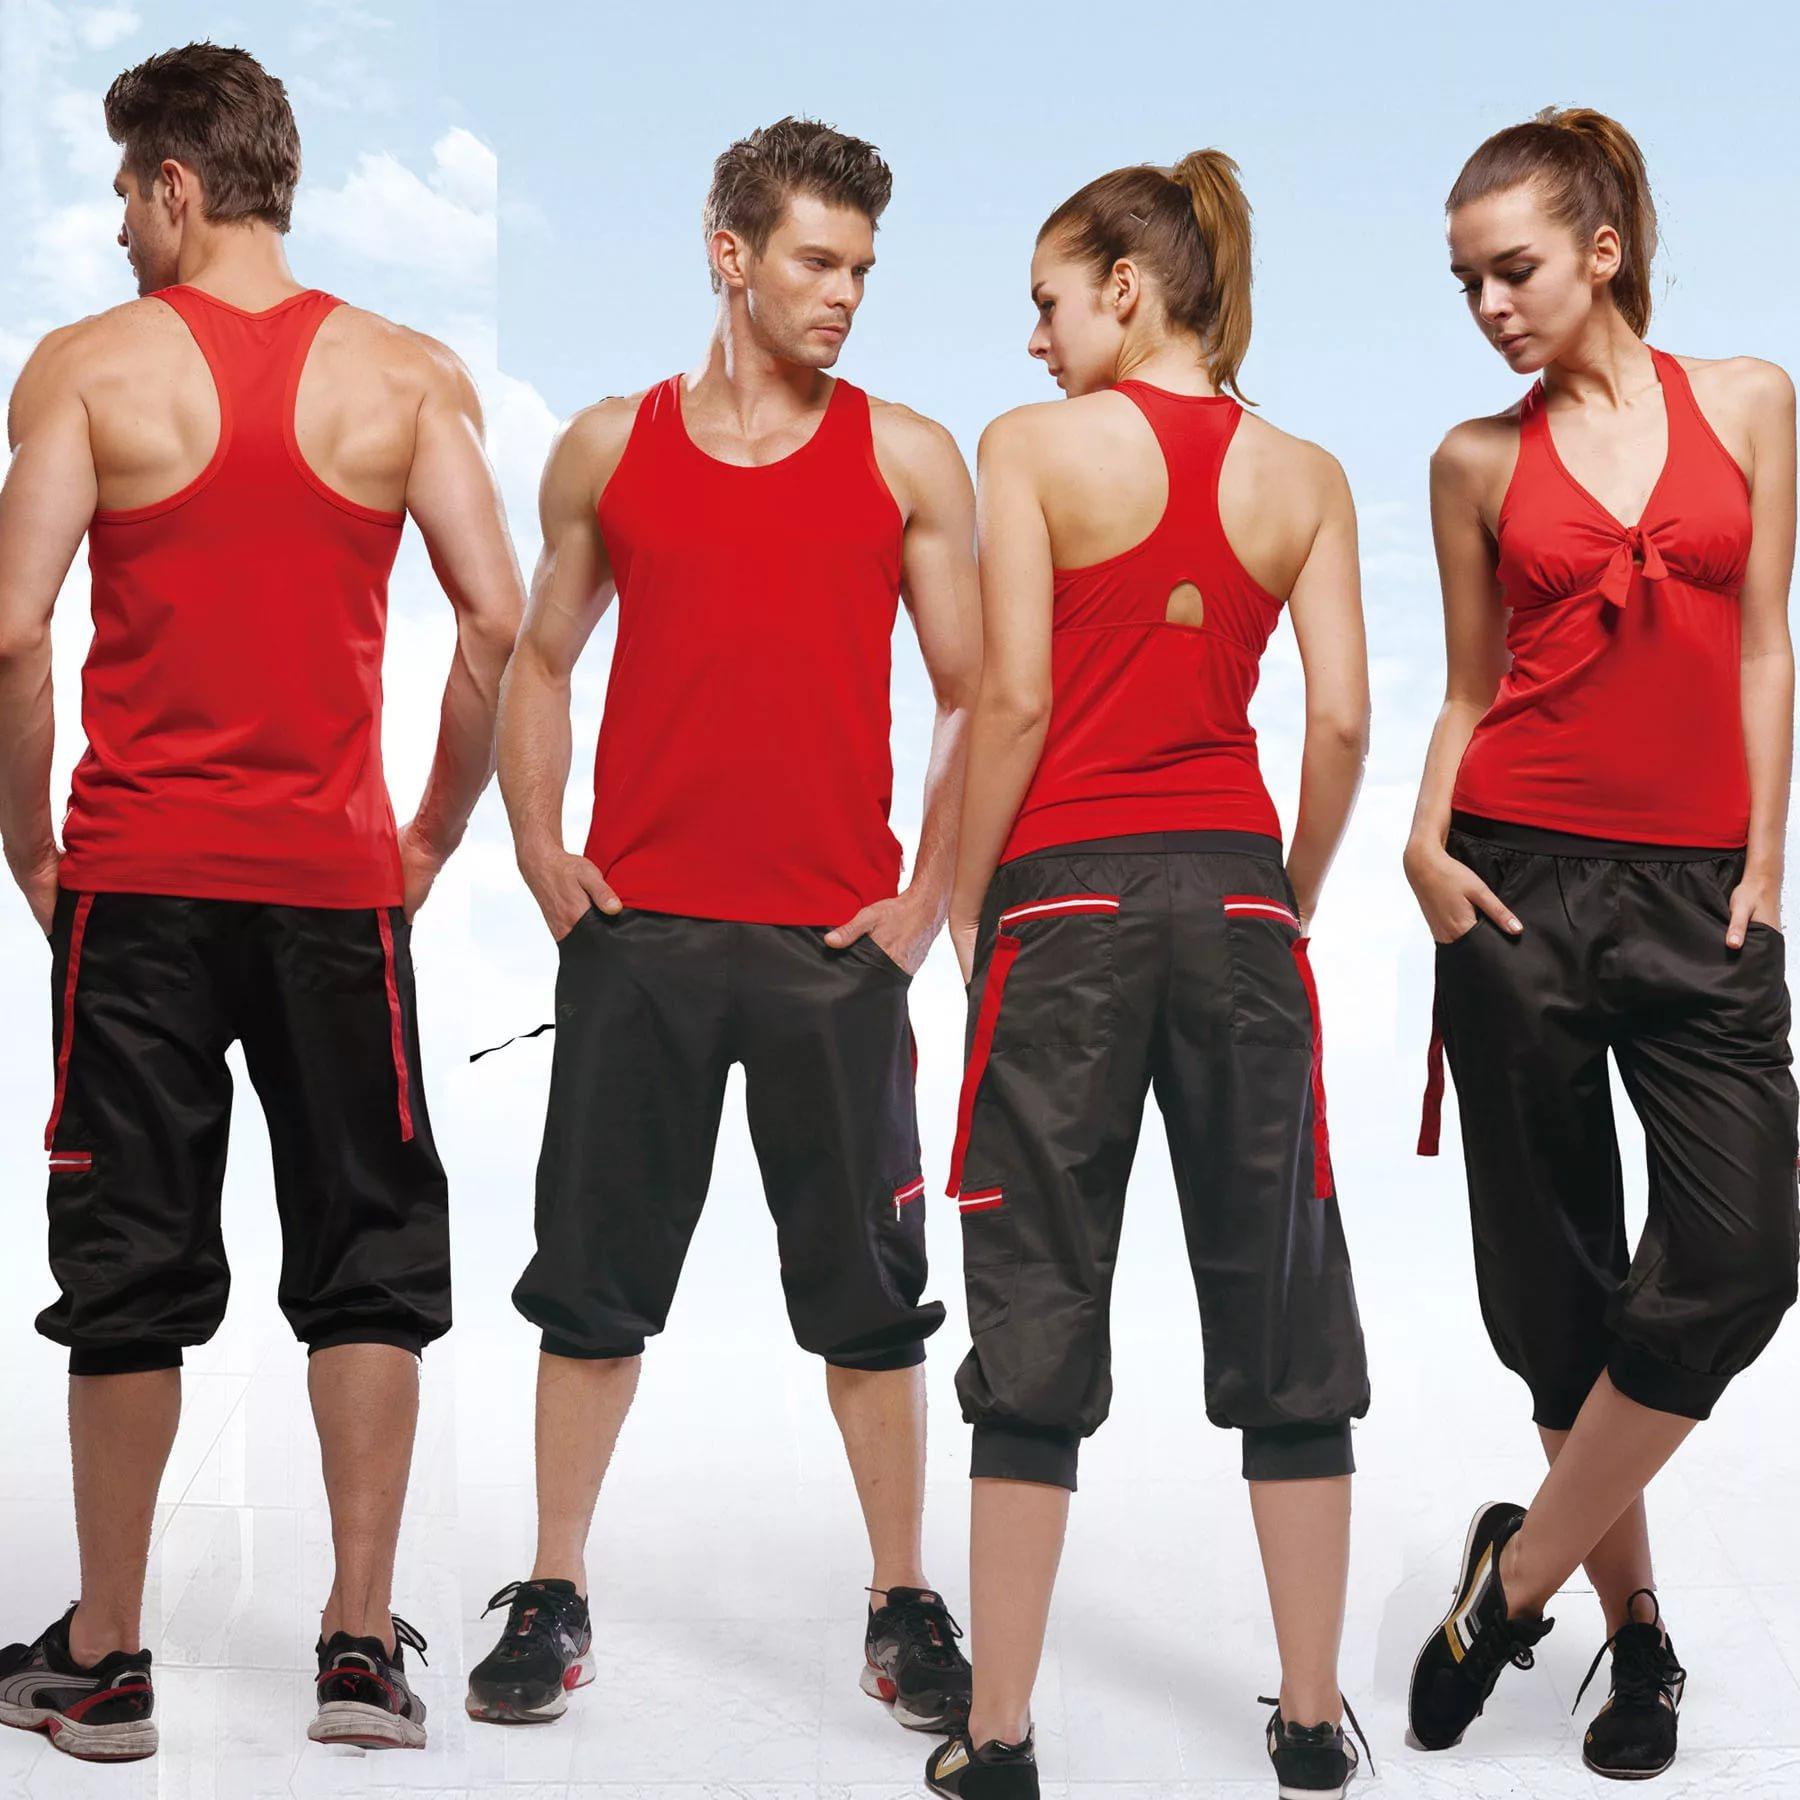 Спортивная одежда, как подобрать с учетом времени года и места тренировки